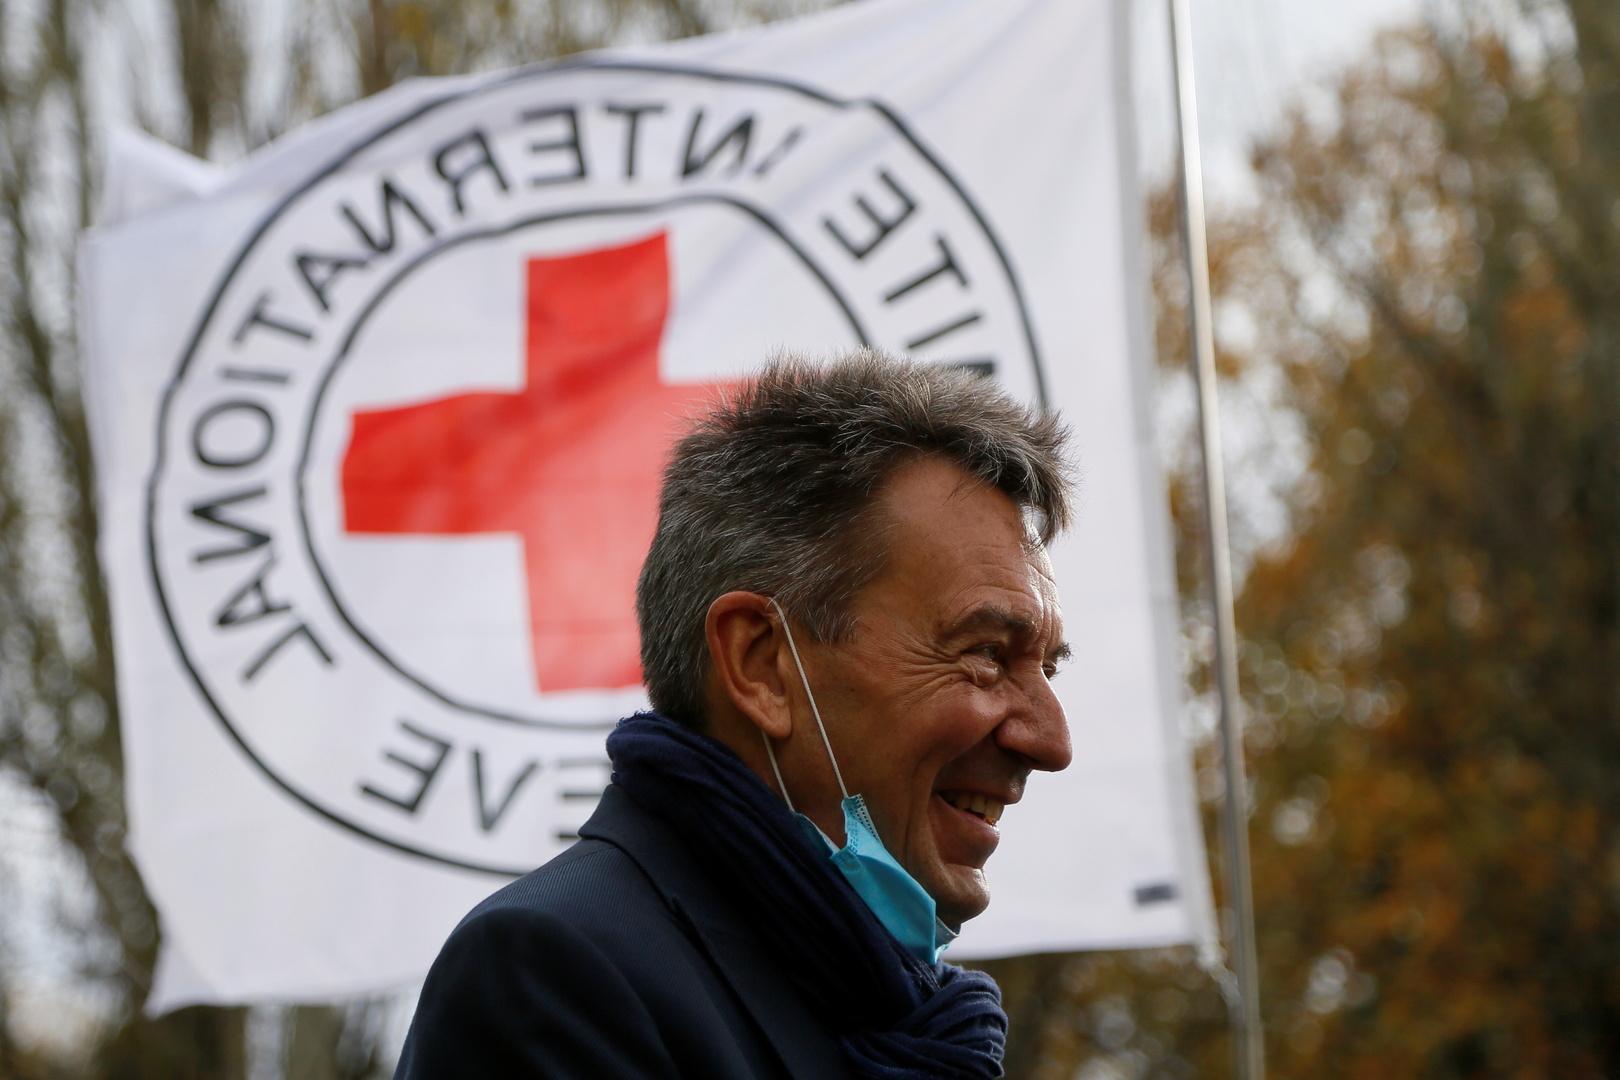 رئيس اللجنة الدولية للصليب الأحمر يصل أفغانستان في زيارة تستمر 3 أيام